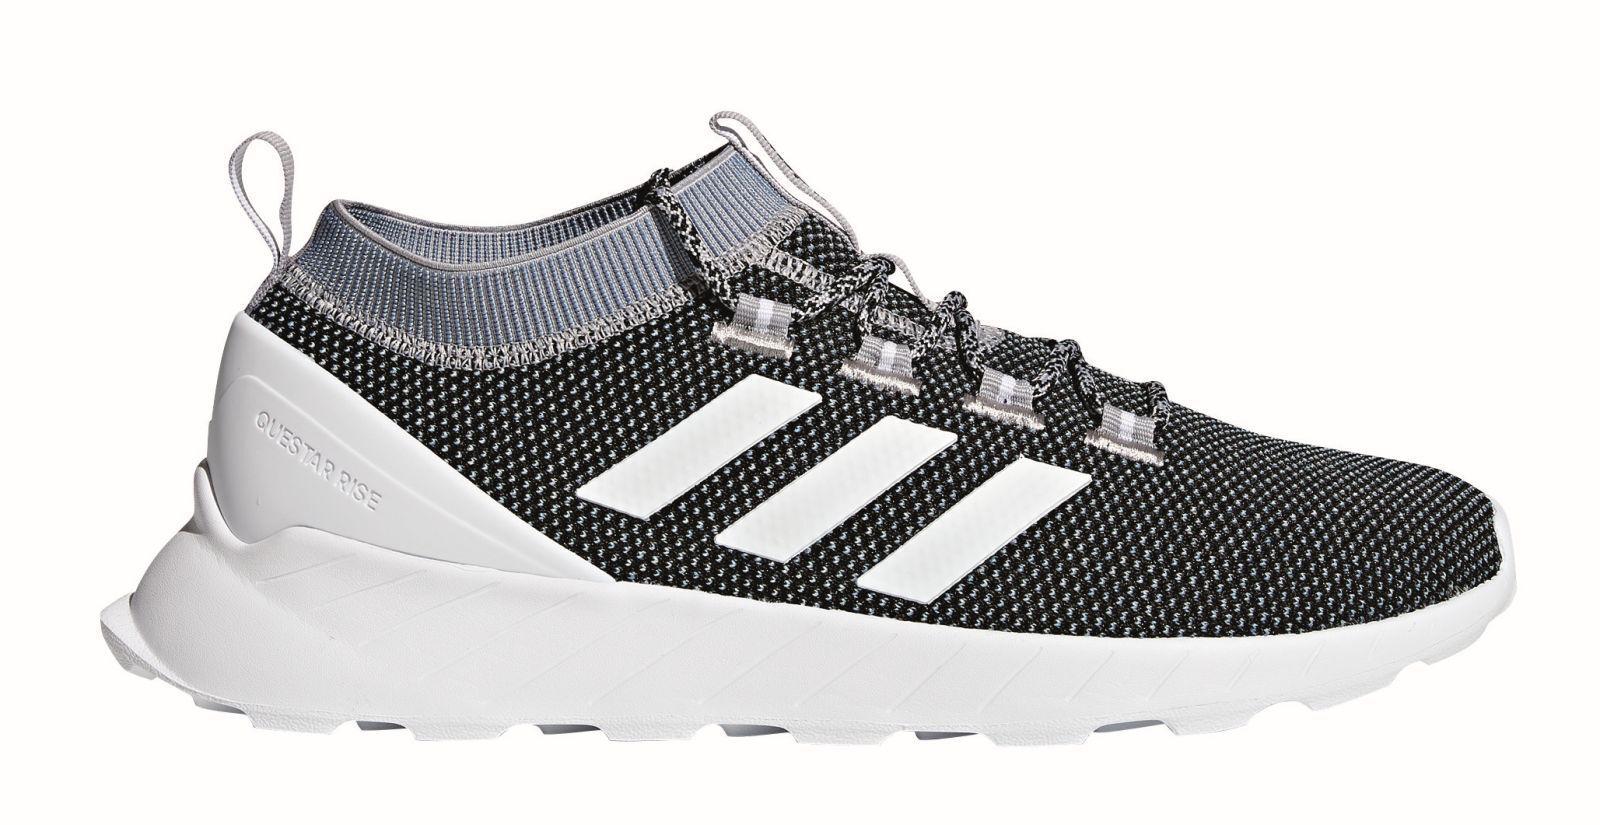 adidas Core Herren Freizeitschuh QUESTAR RISE schwarz weiß grau